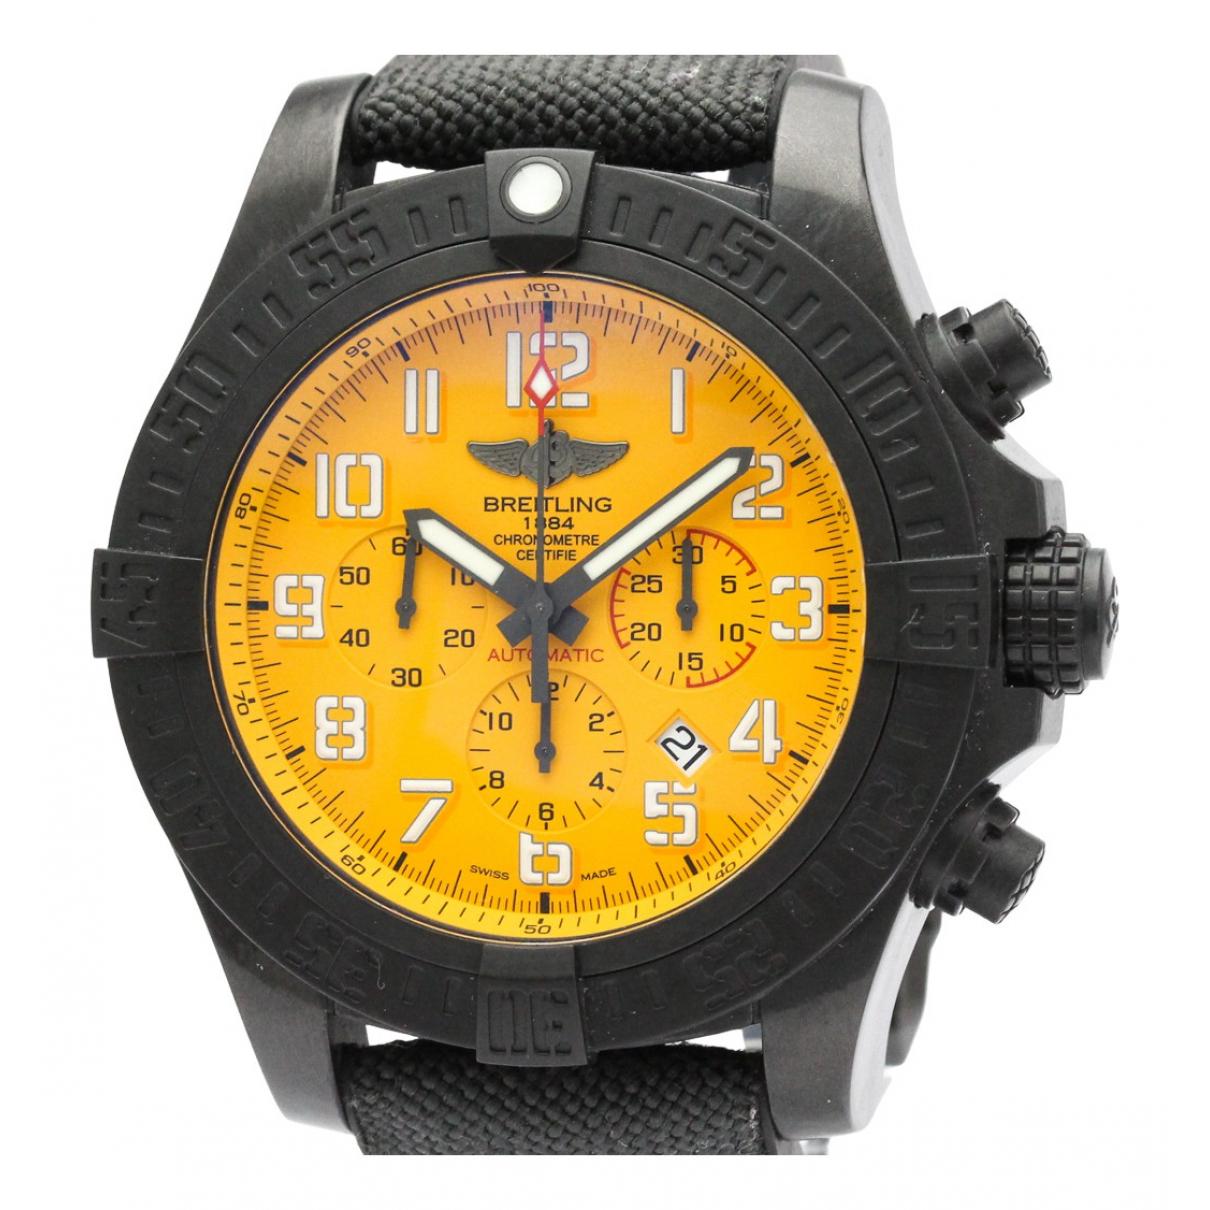 Relojes Avenger Breitling